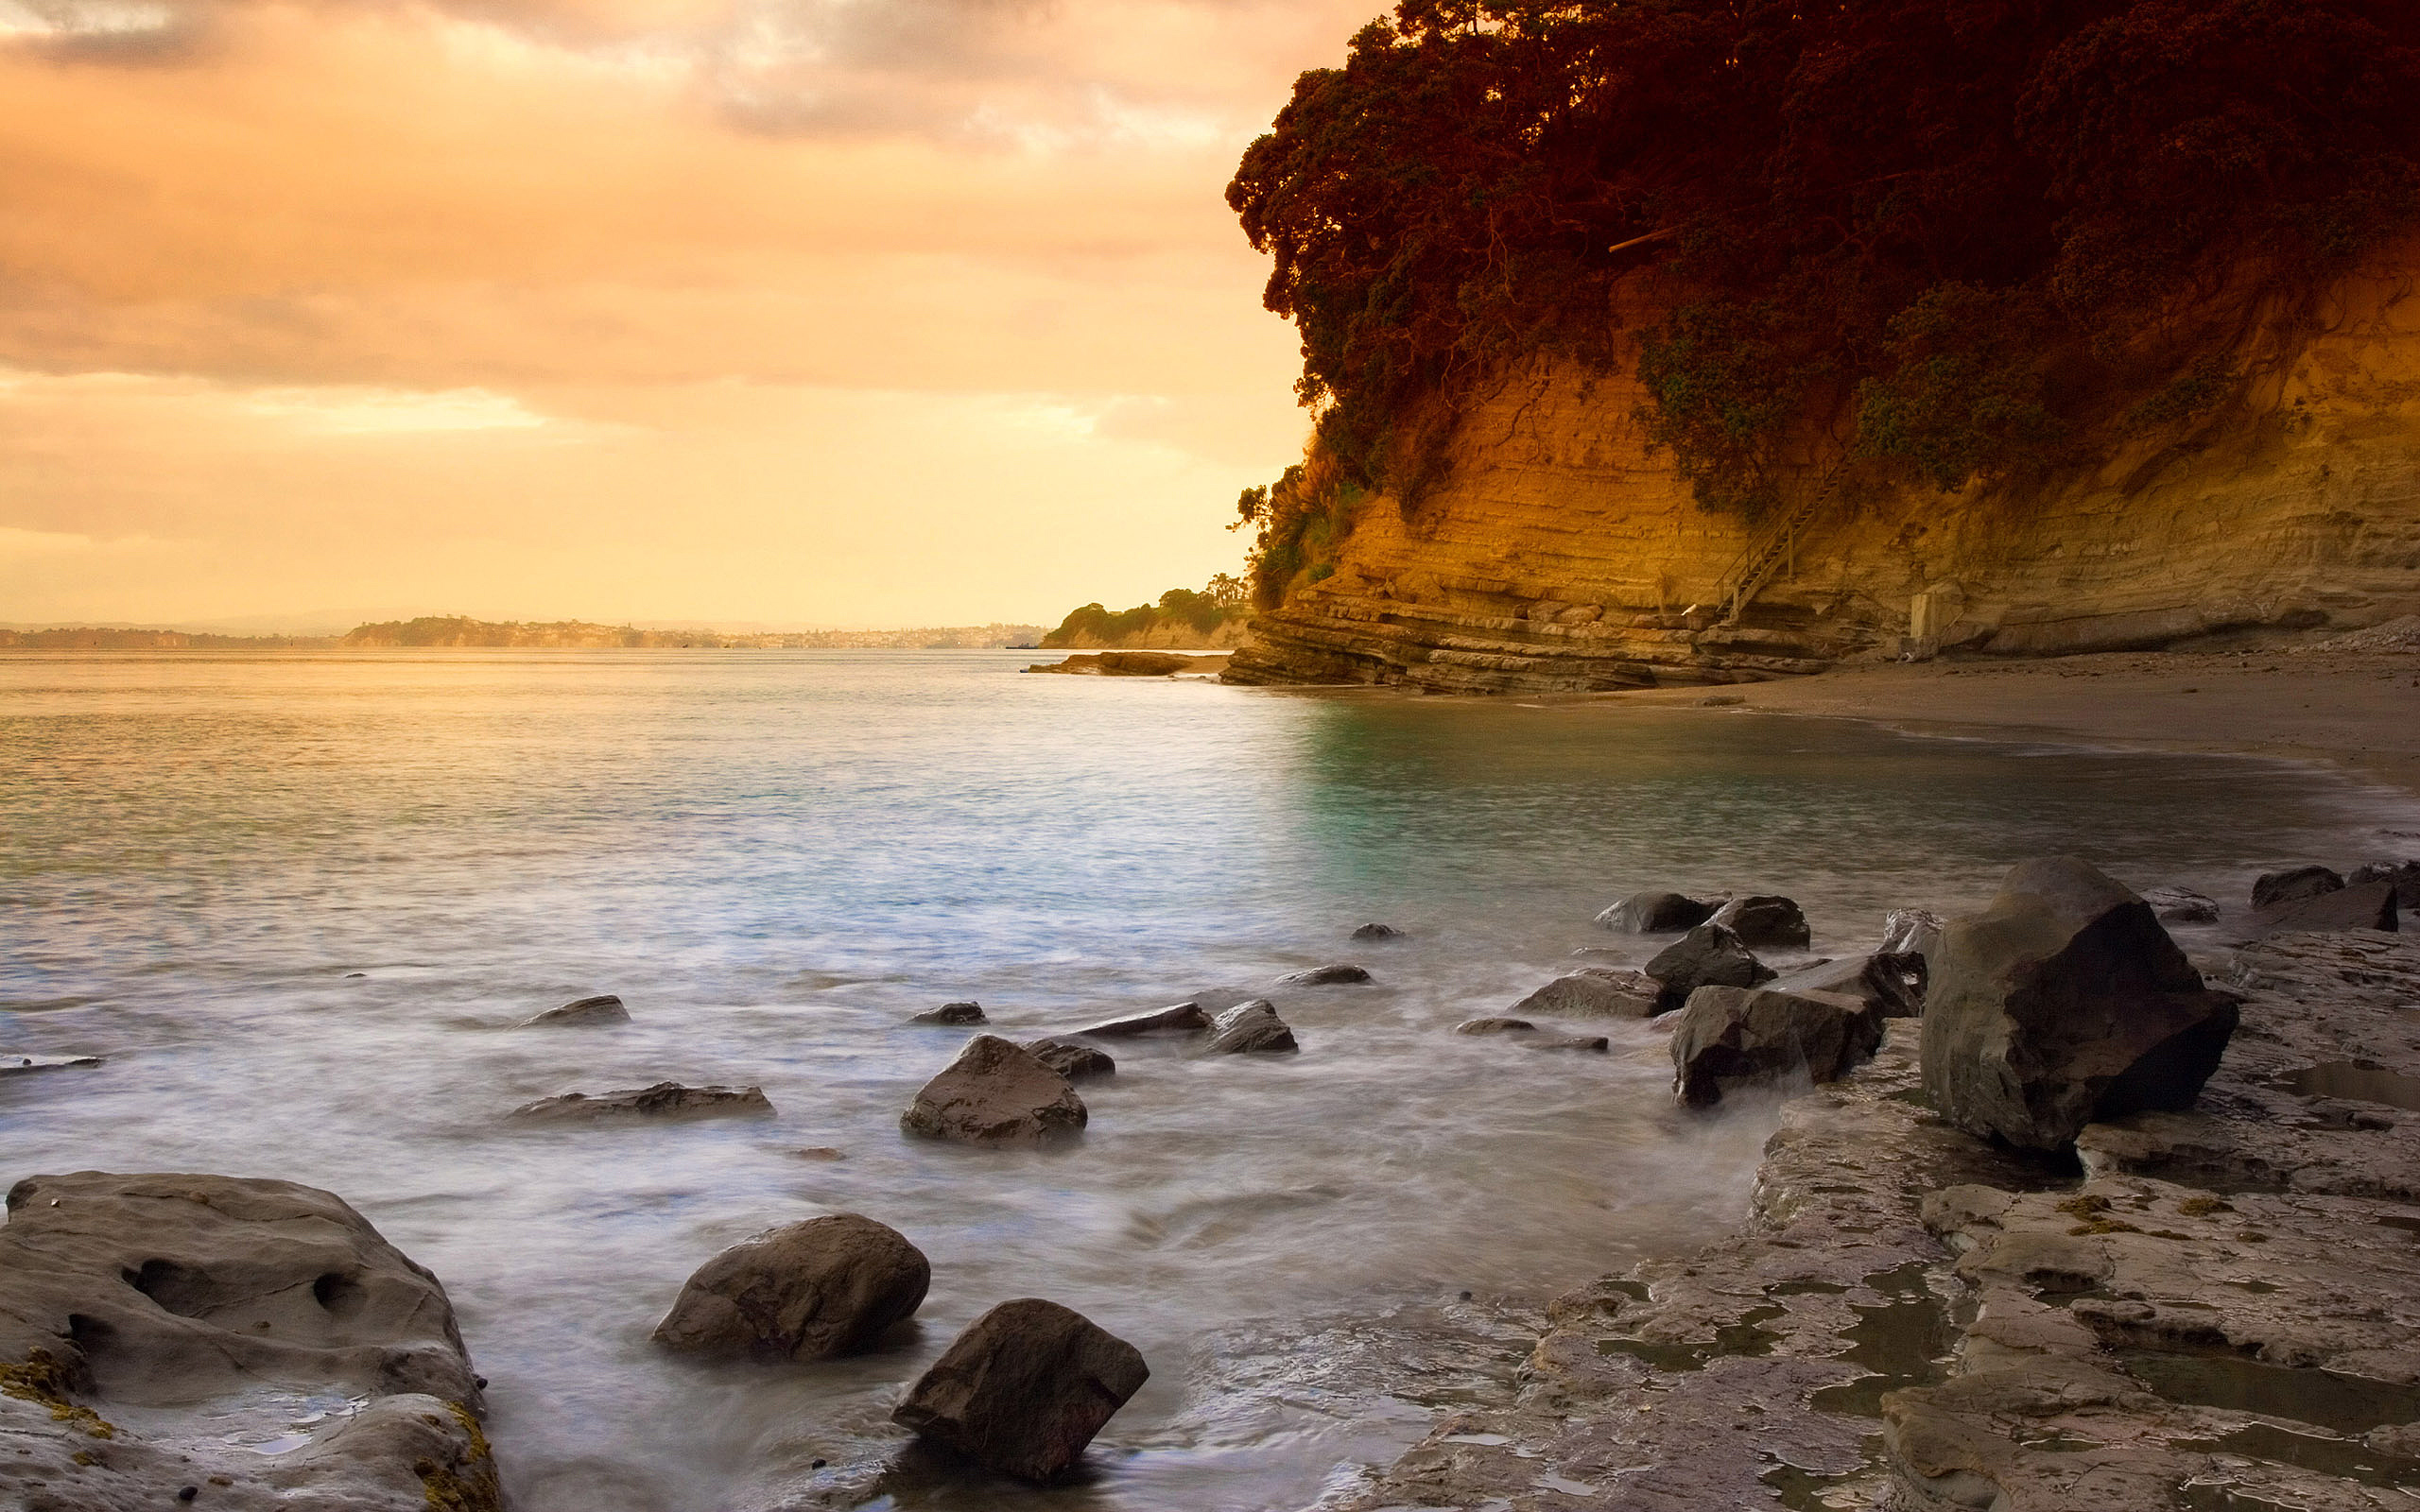 Foto Oceano, costa con rocas